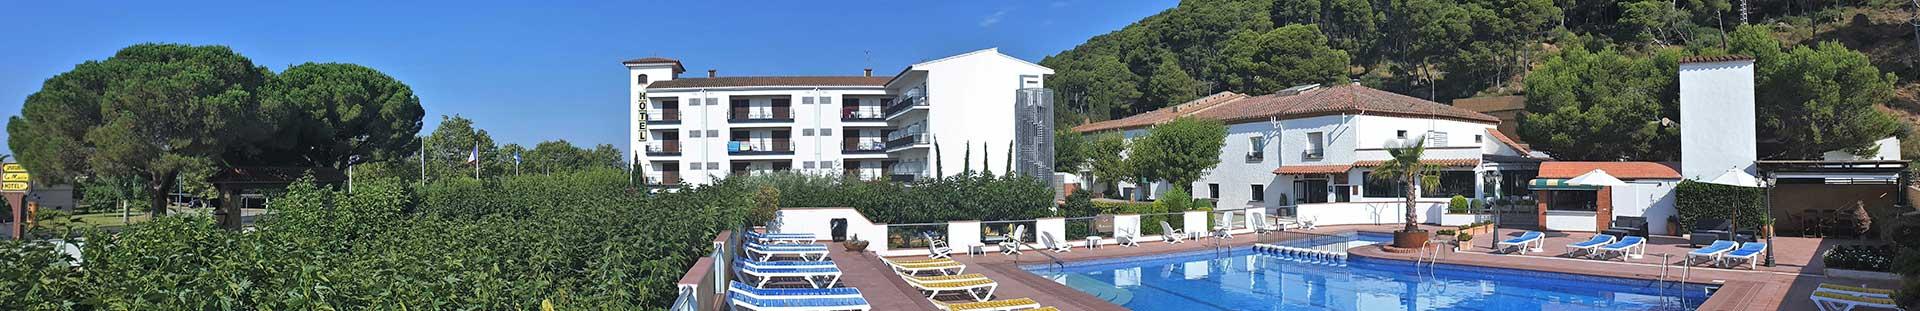 La Masia Hotel And Apartments In Estartit Costa Brava